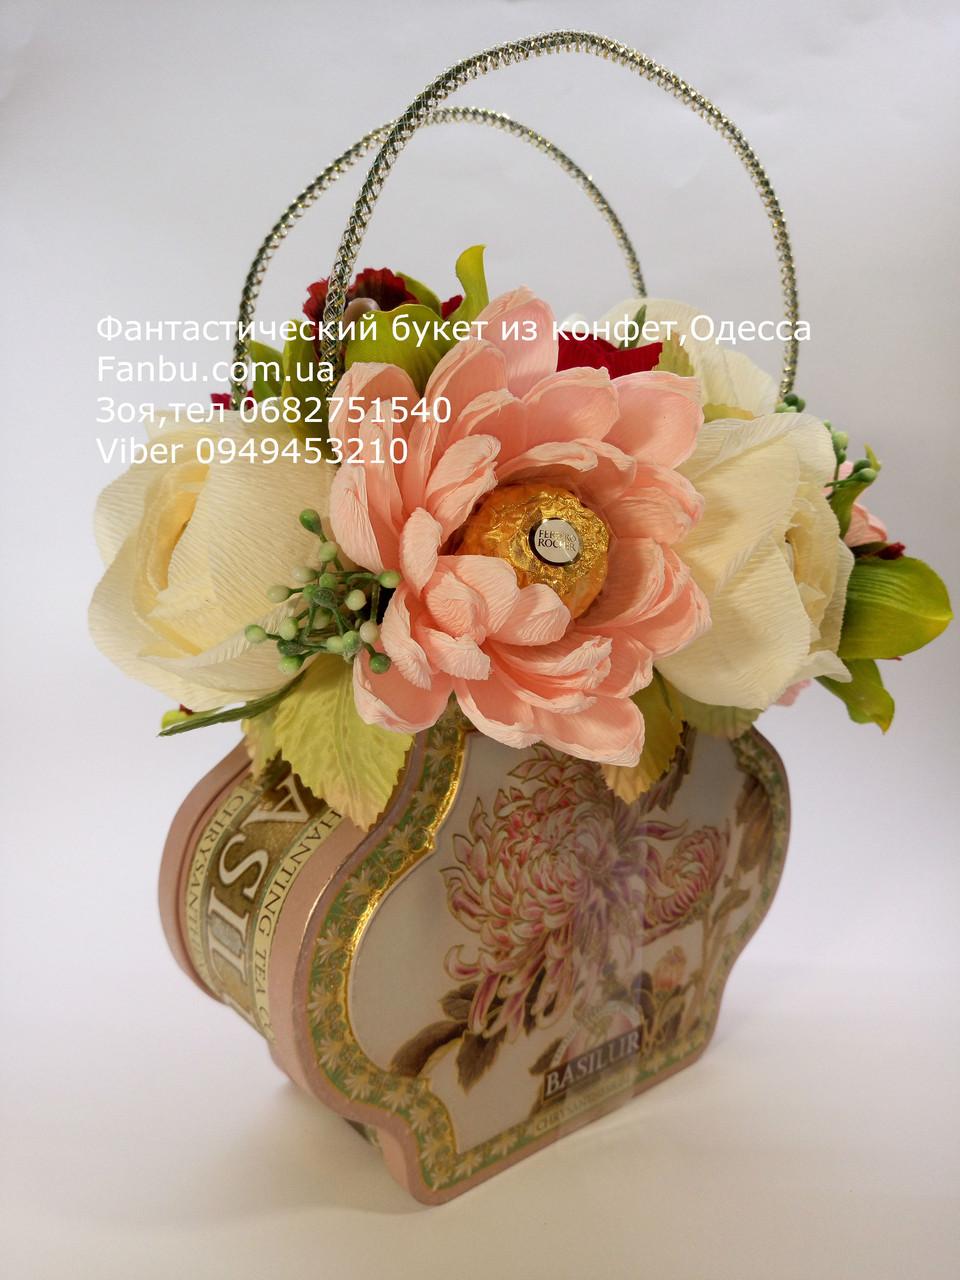 """Подарок из конфет и чая Basilur"""" Чайная сумочка-2"""", фото 1"""